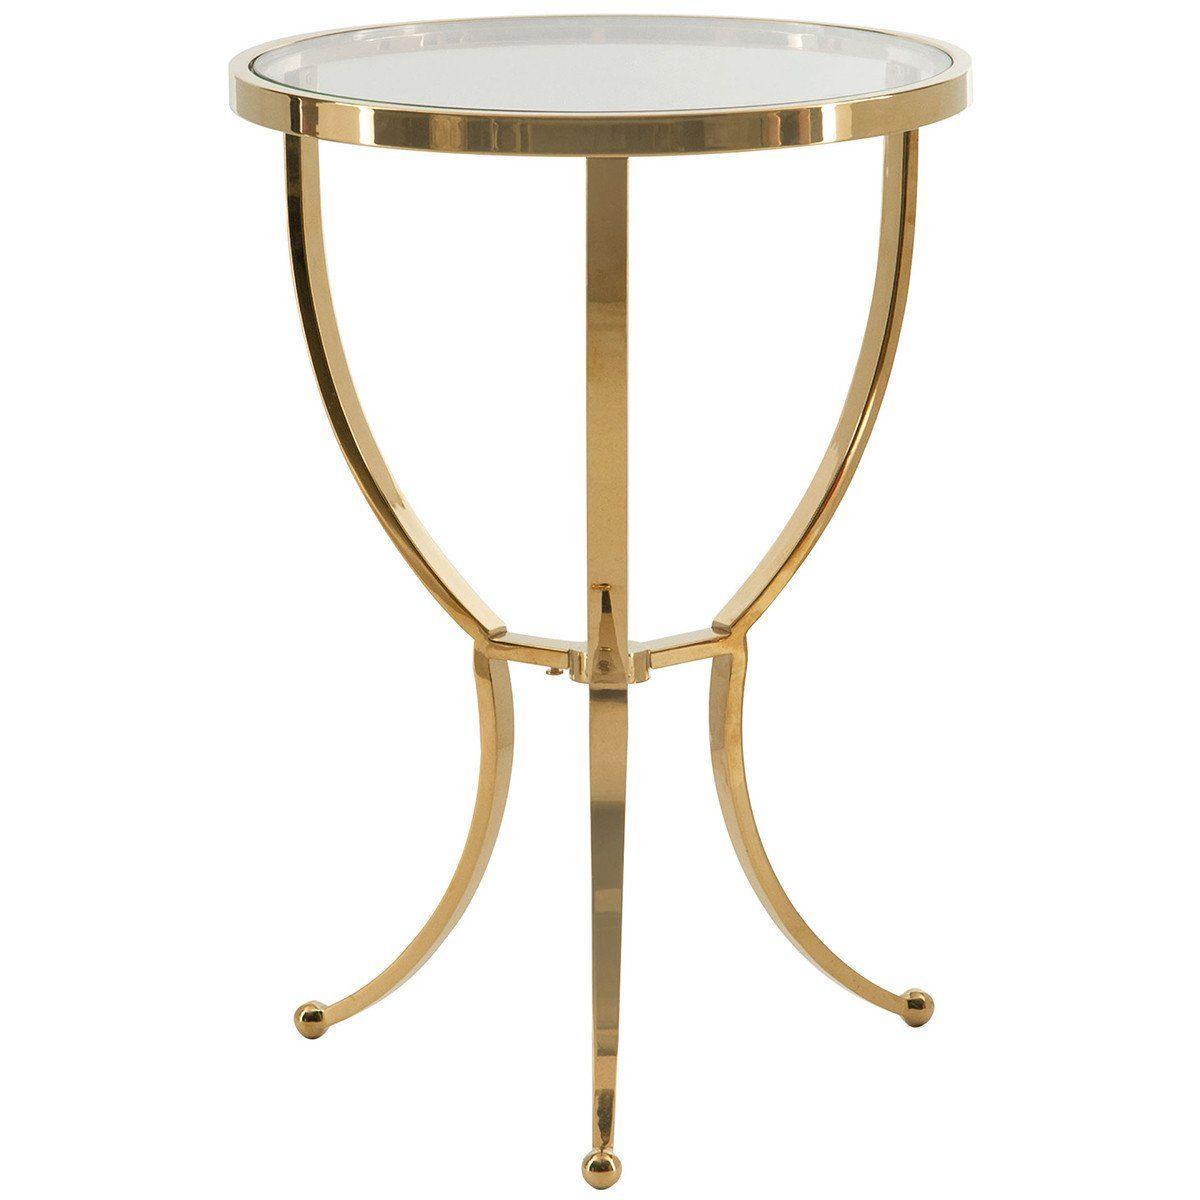 Best Bernhardt Interiors Adella Round Chairside Table Details 400 x 300